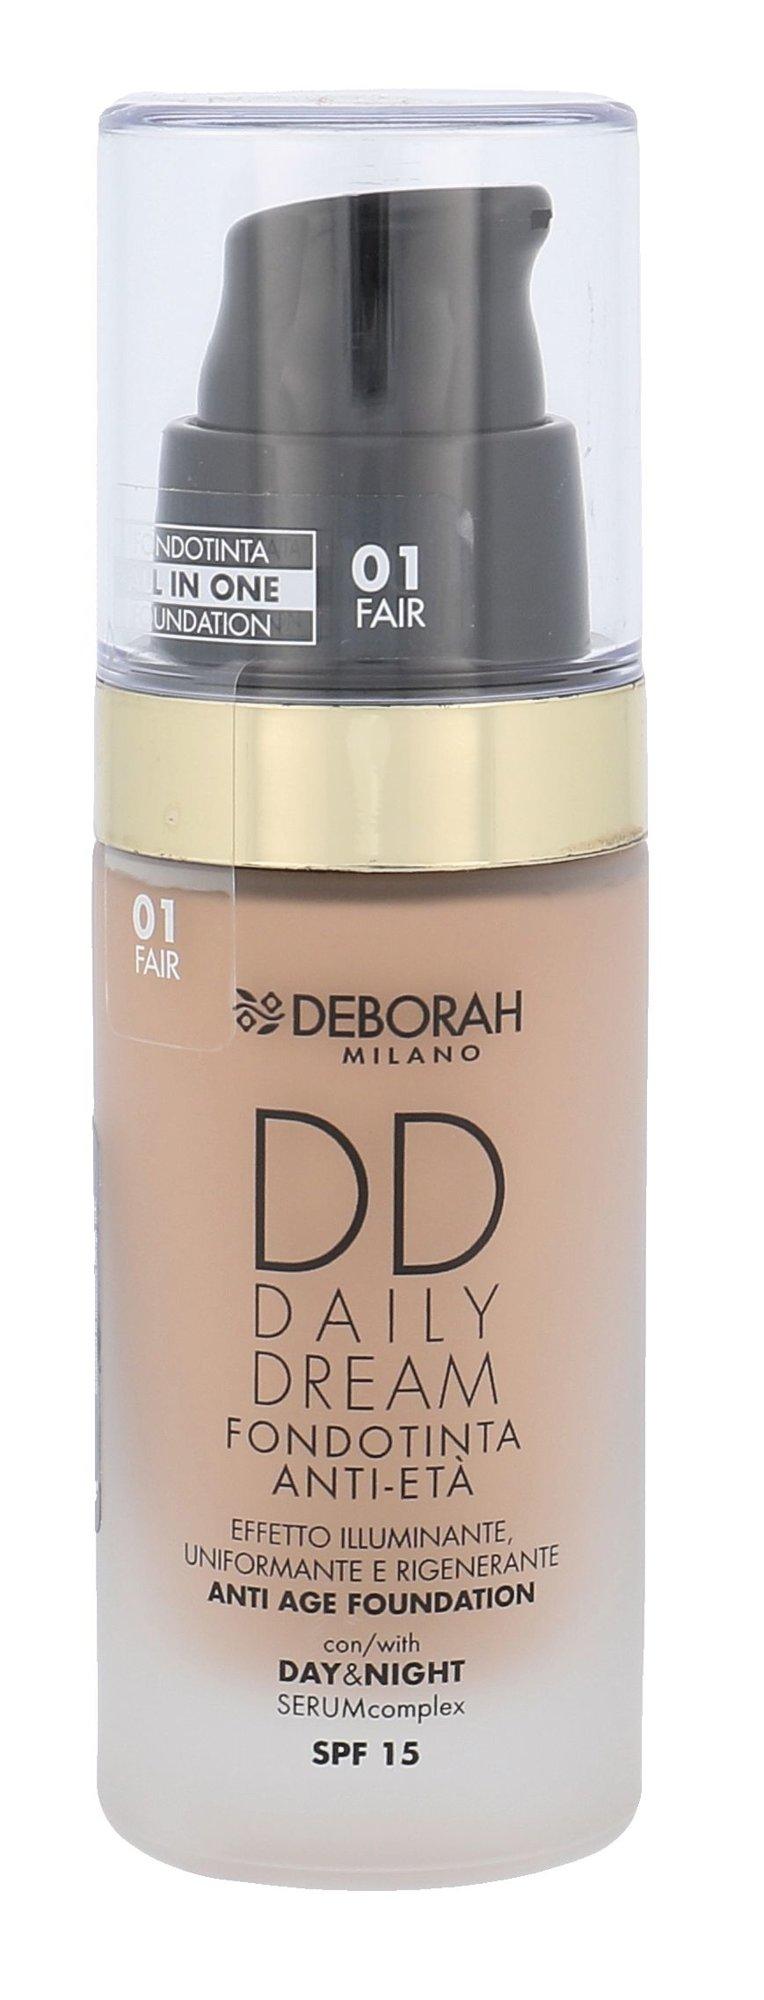 Deborah Milano DD Daily Dream Cosmetic 30ml 01 Fair